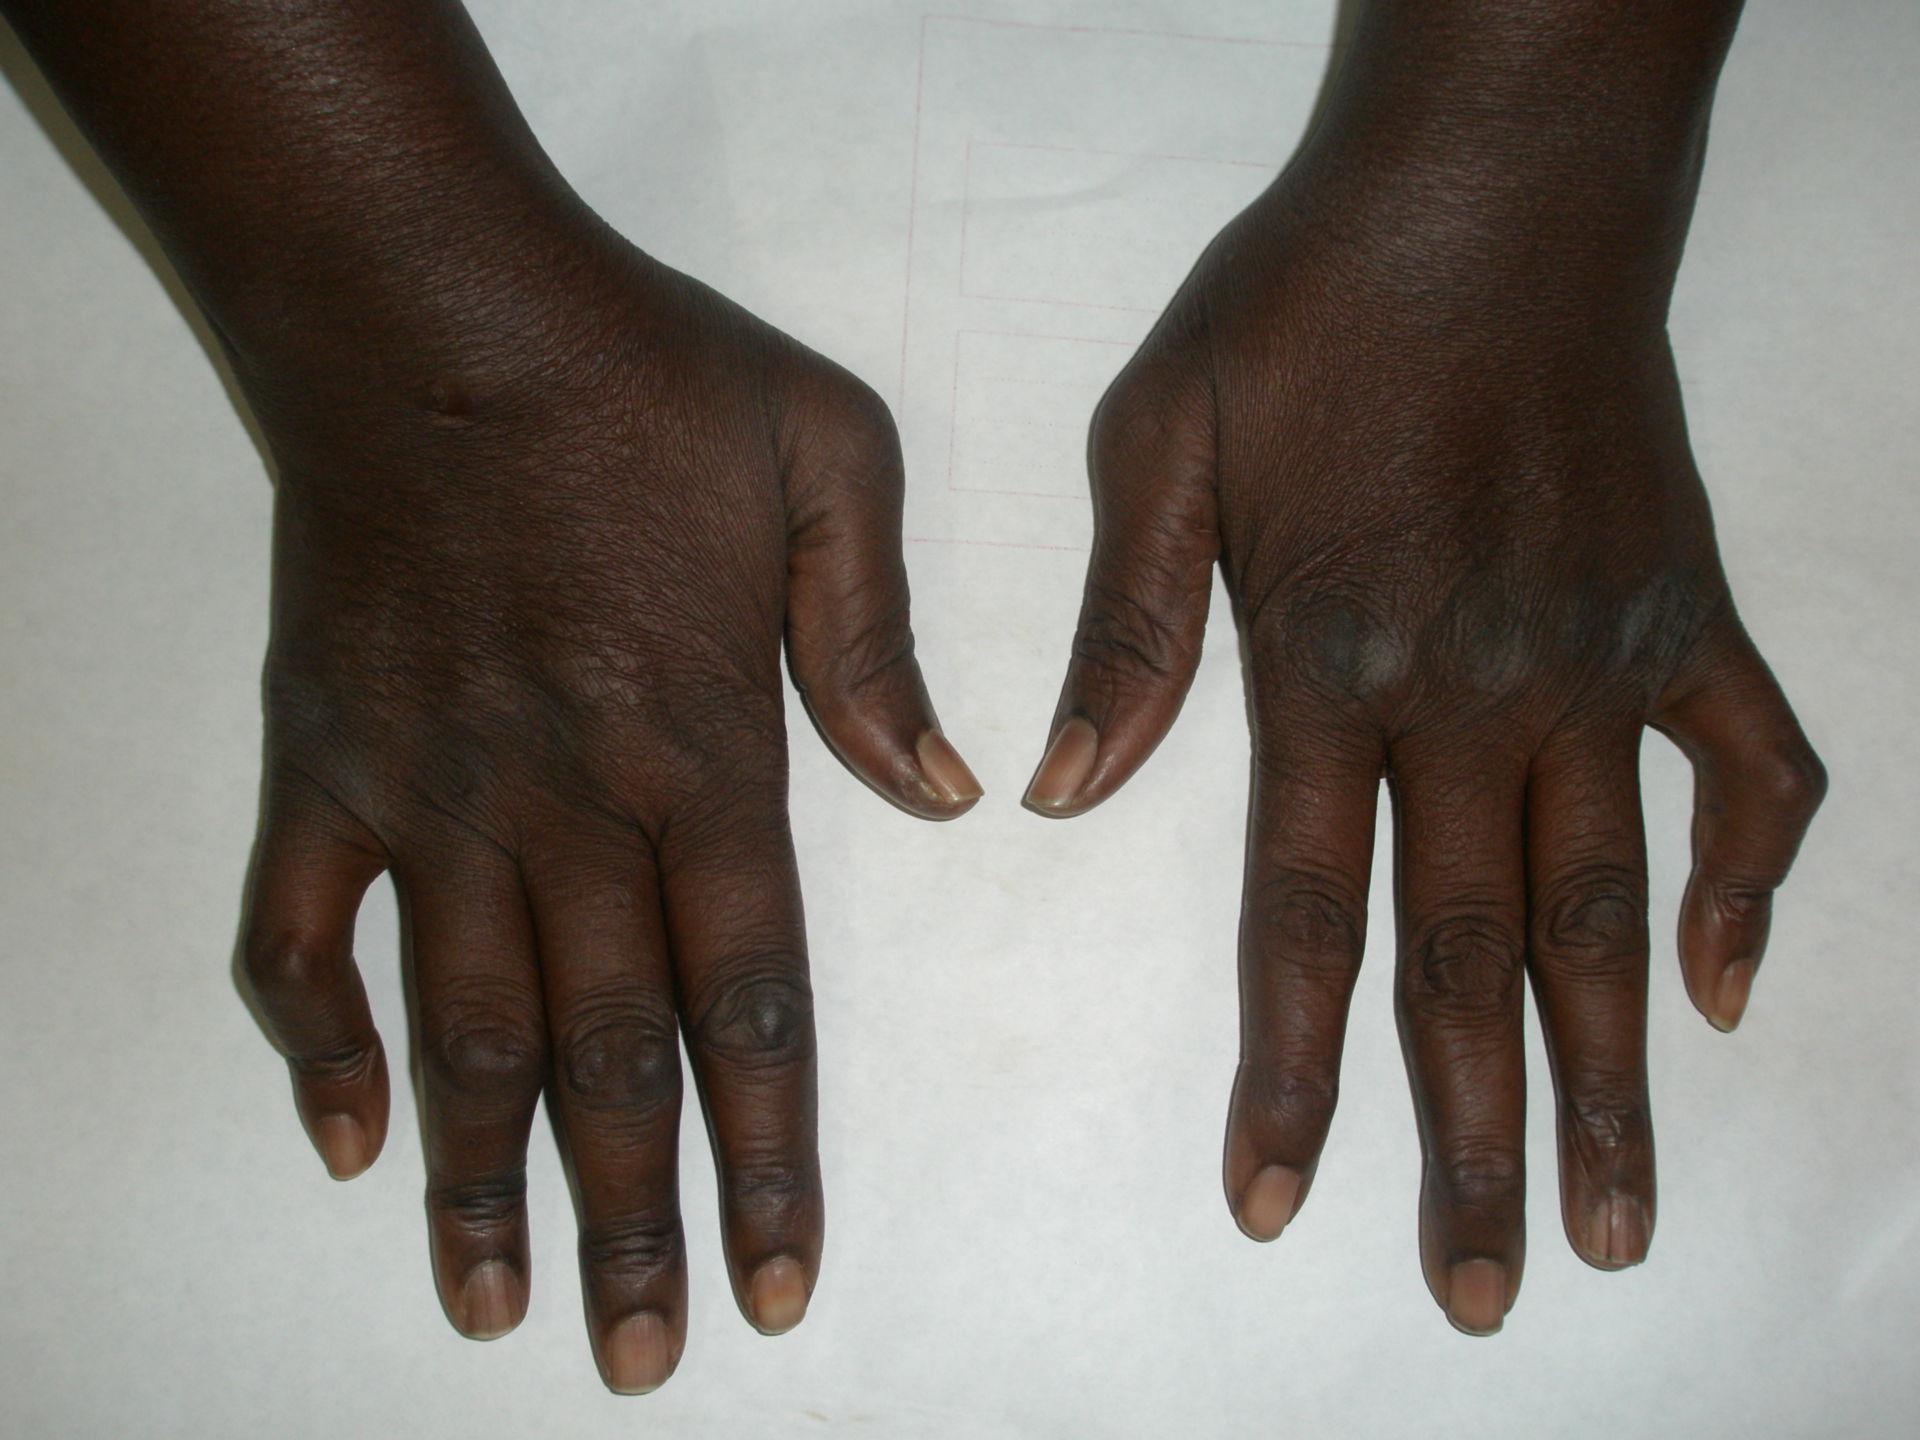 L'artrite reumatoide, deformità mano